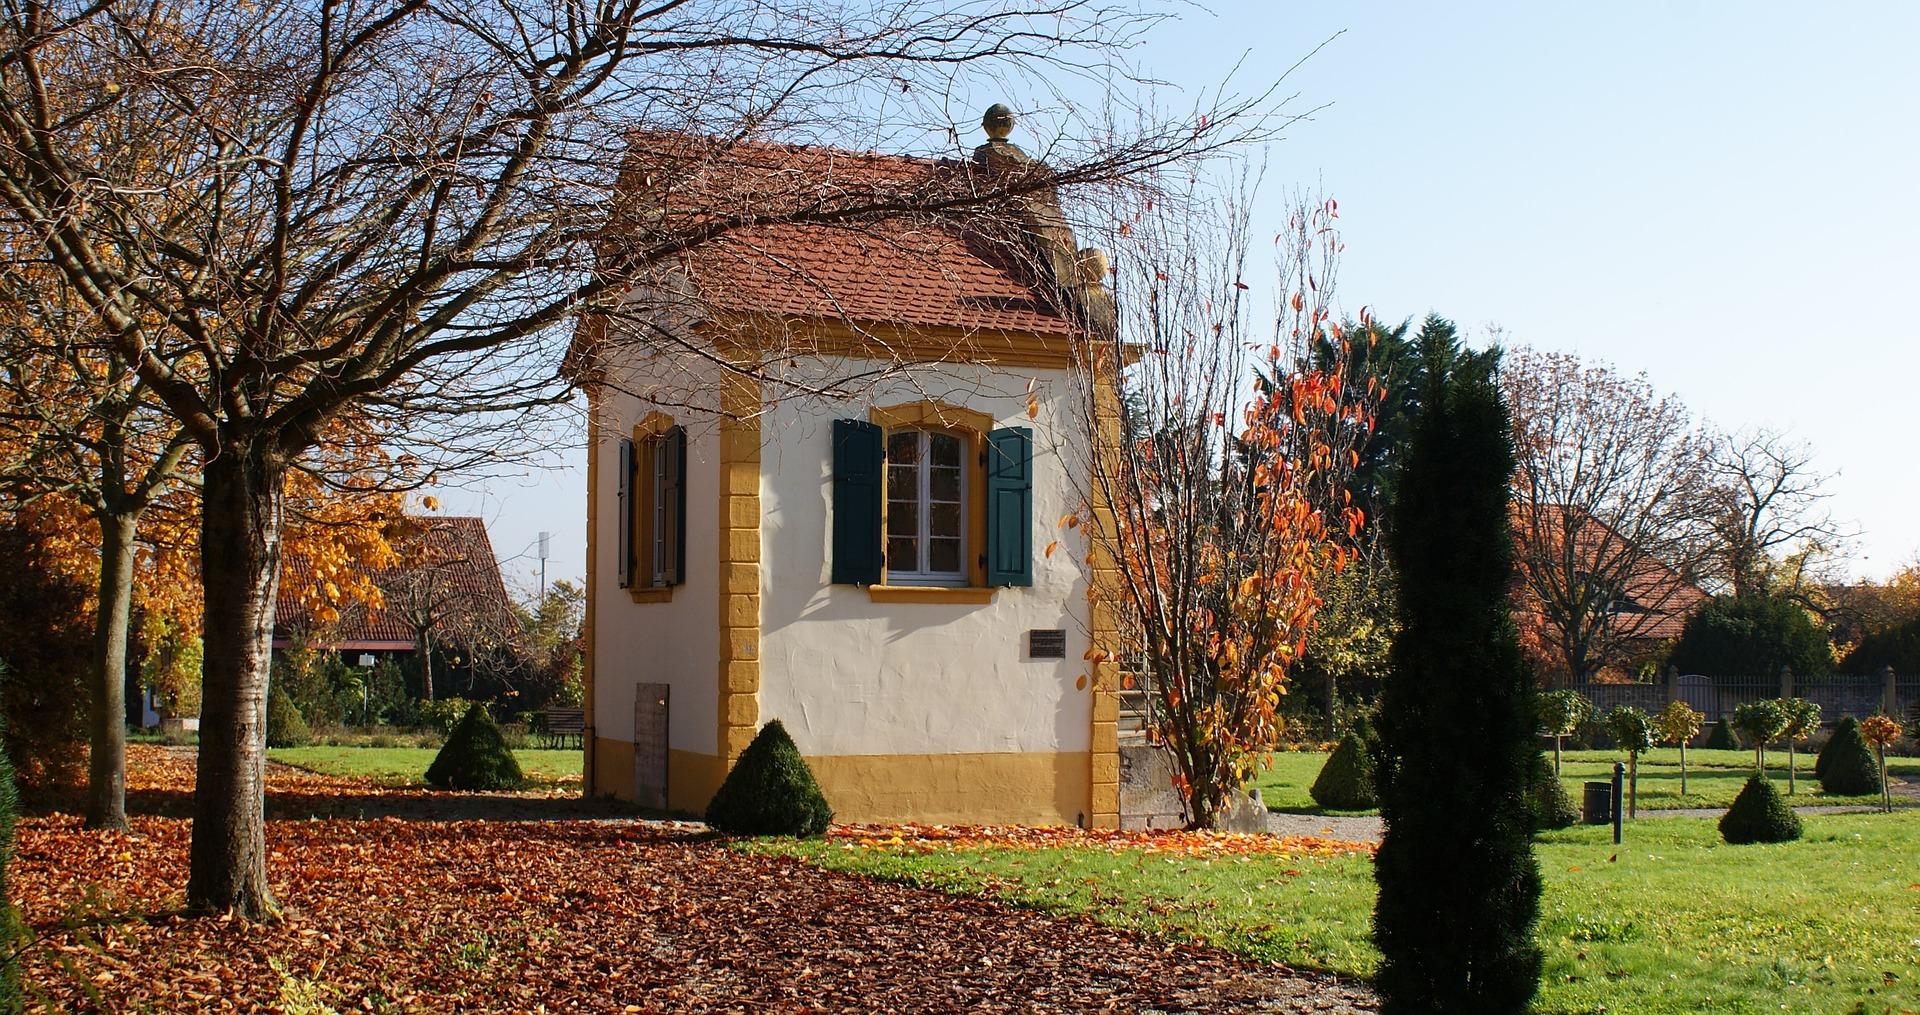 freinsheim-1063344_1920.jpg